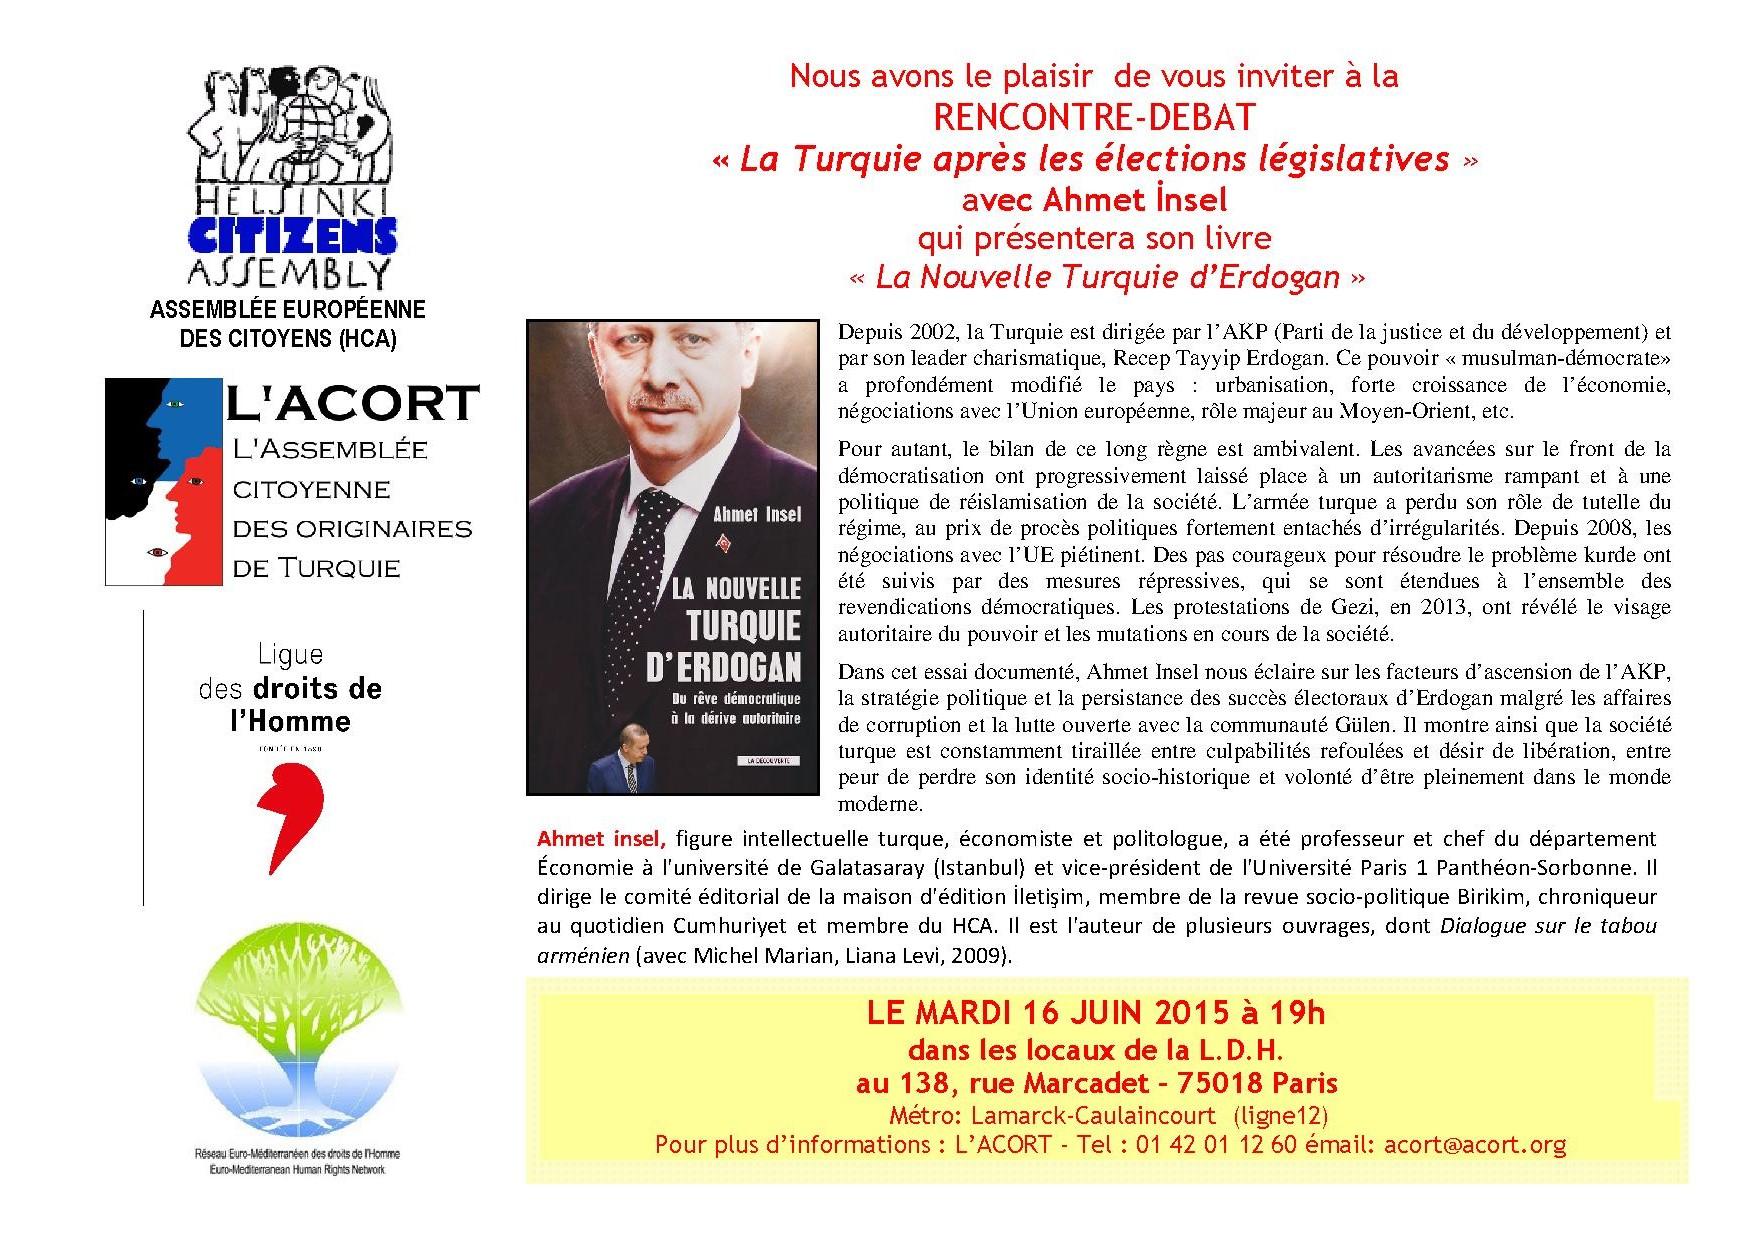 Invitation_Rencontre_La_Turquie_apres_élections_législatives_avec_Ahmet_Insel